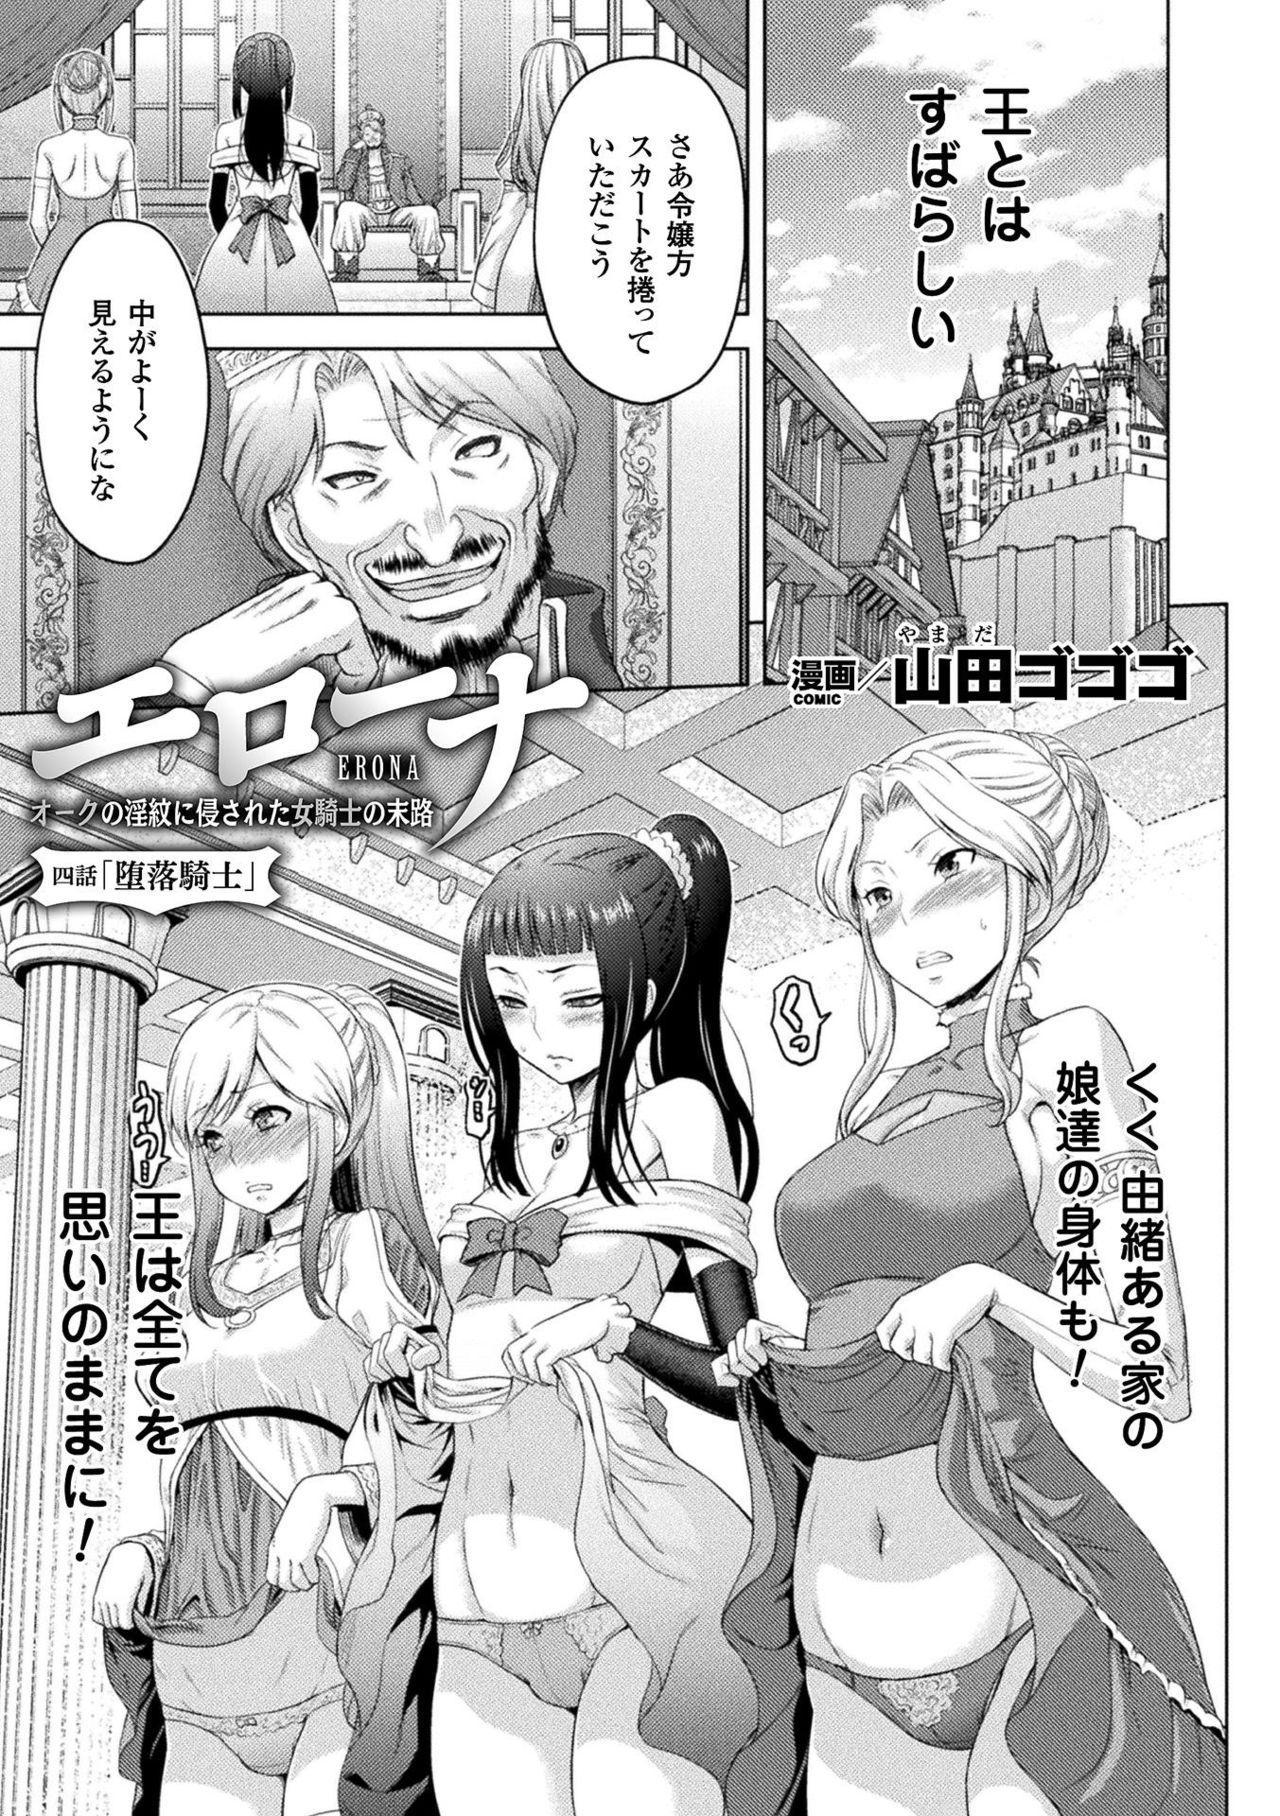 ERONA Orc no Inmon ni Okasareta Onna Kishi no Matsuro Ch. 1-6 74